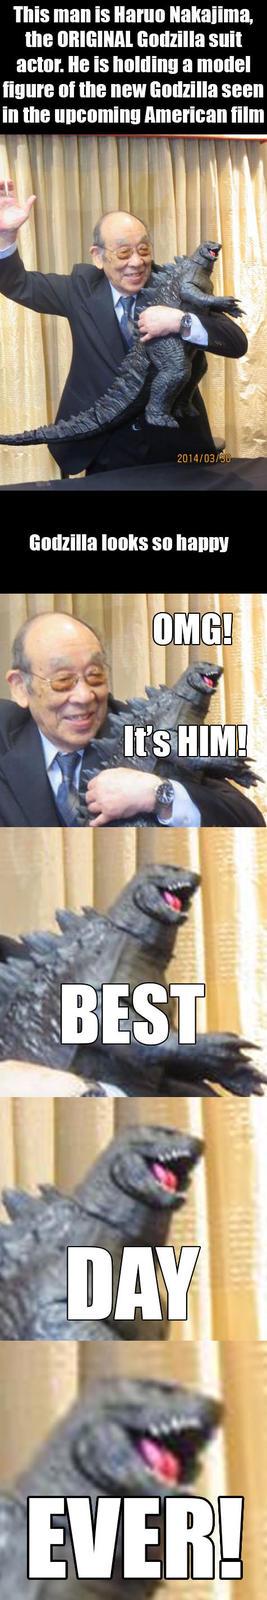 Haruo Nakajima With 2014 Godzilla Model